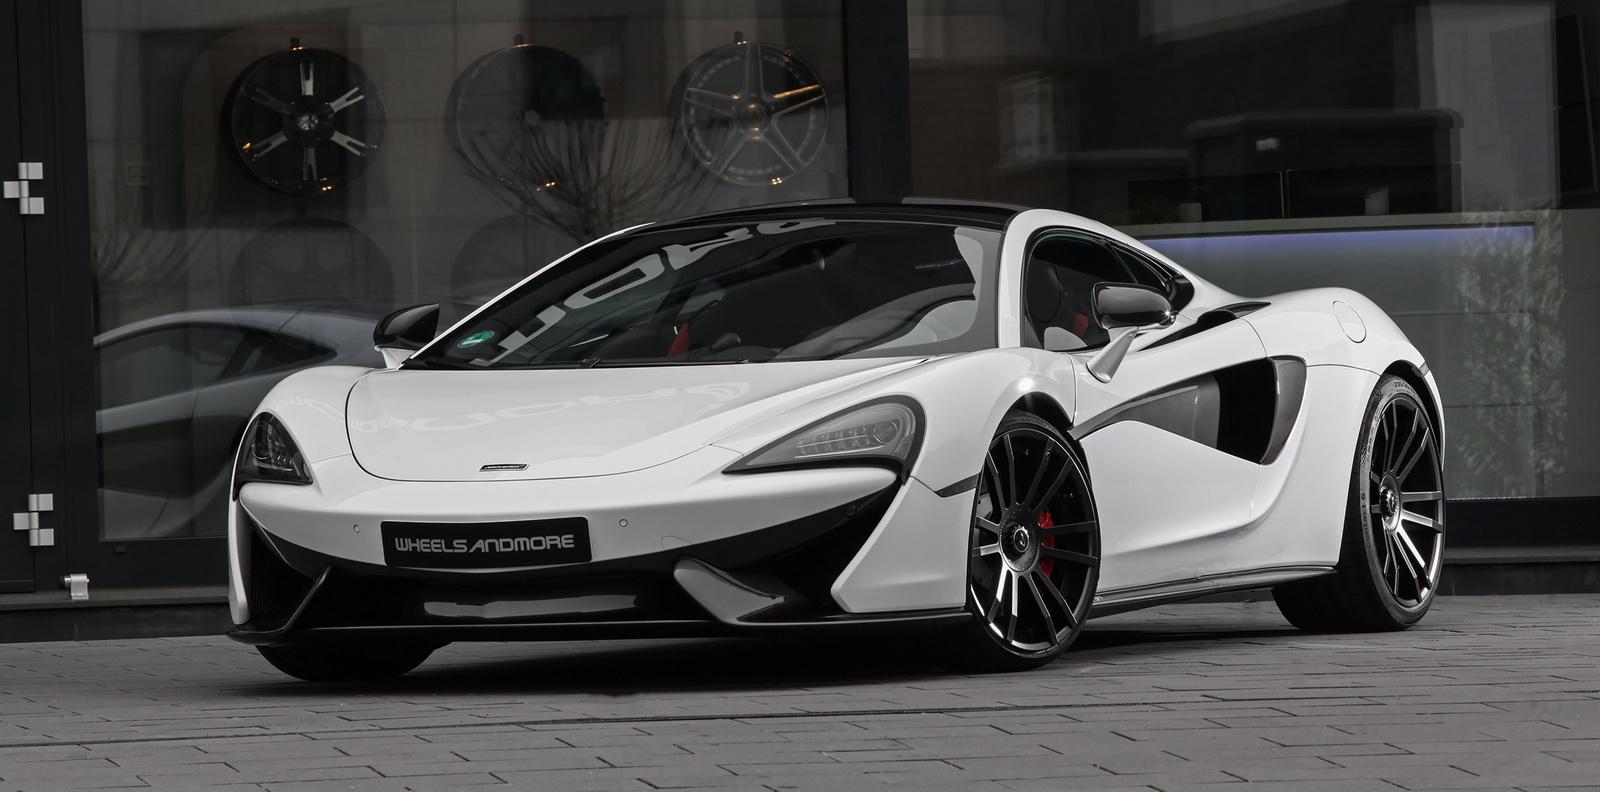 McLaren_570GT_wheelsandmore_12